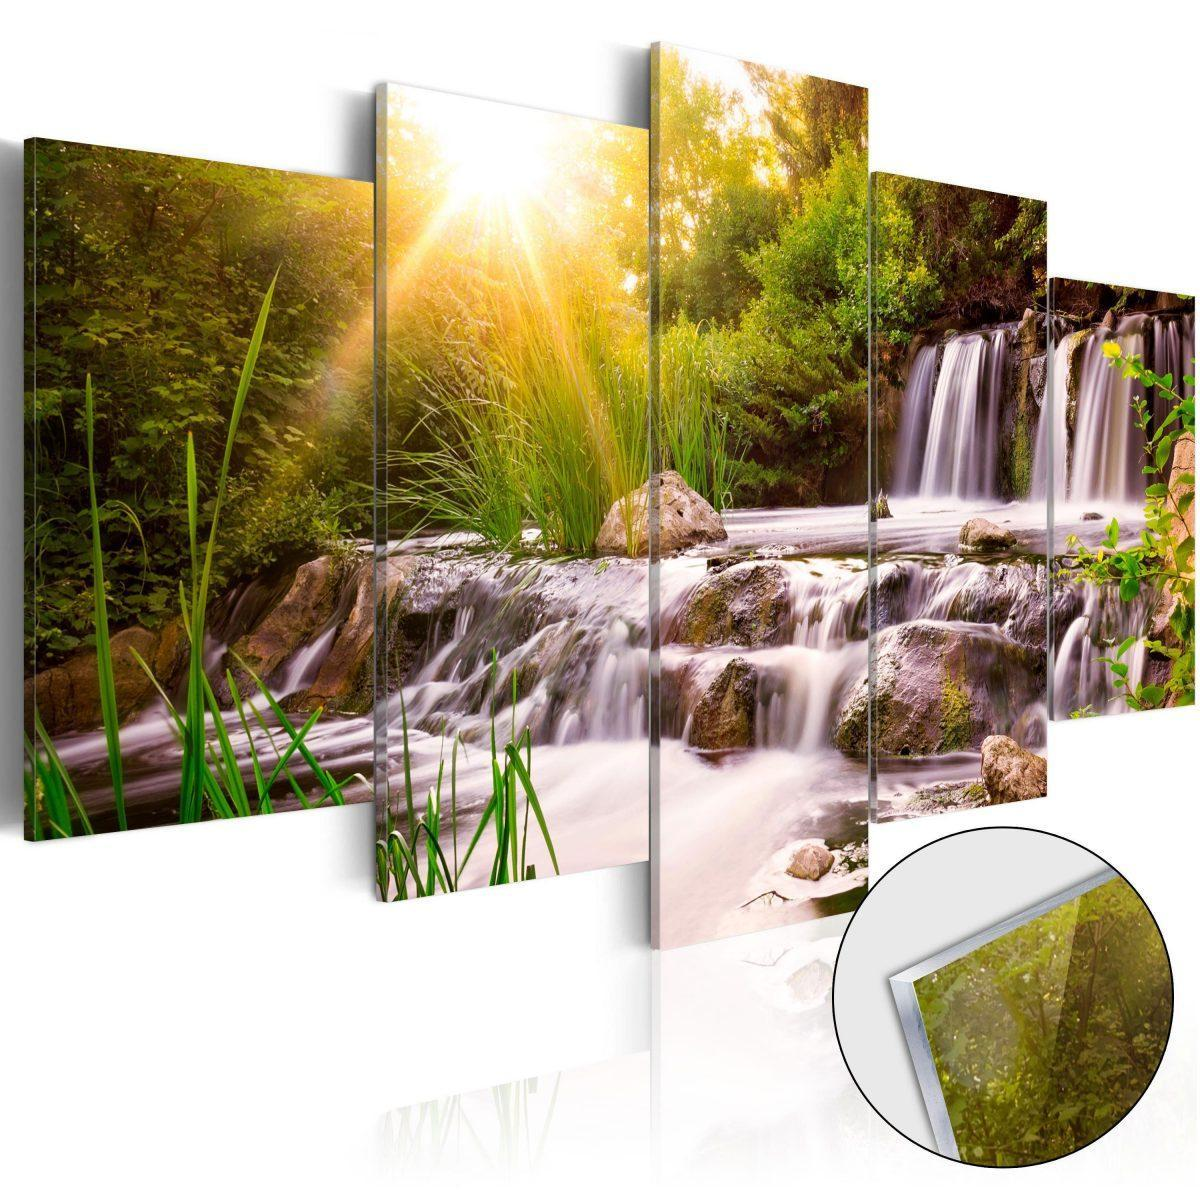 Tavla i akrylglas - Forest Waterfall - 100x50